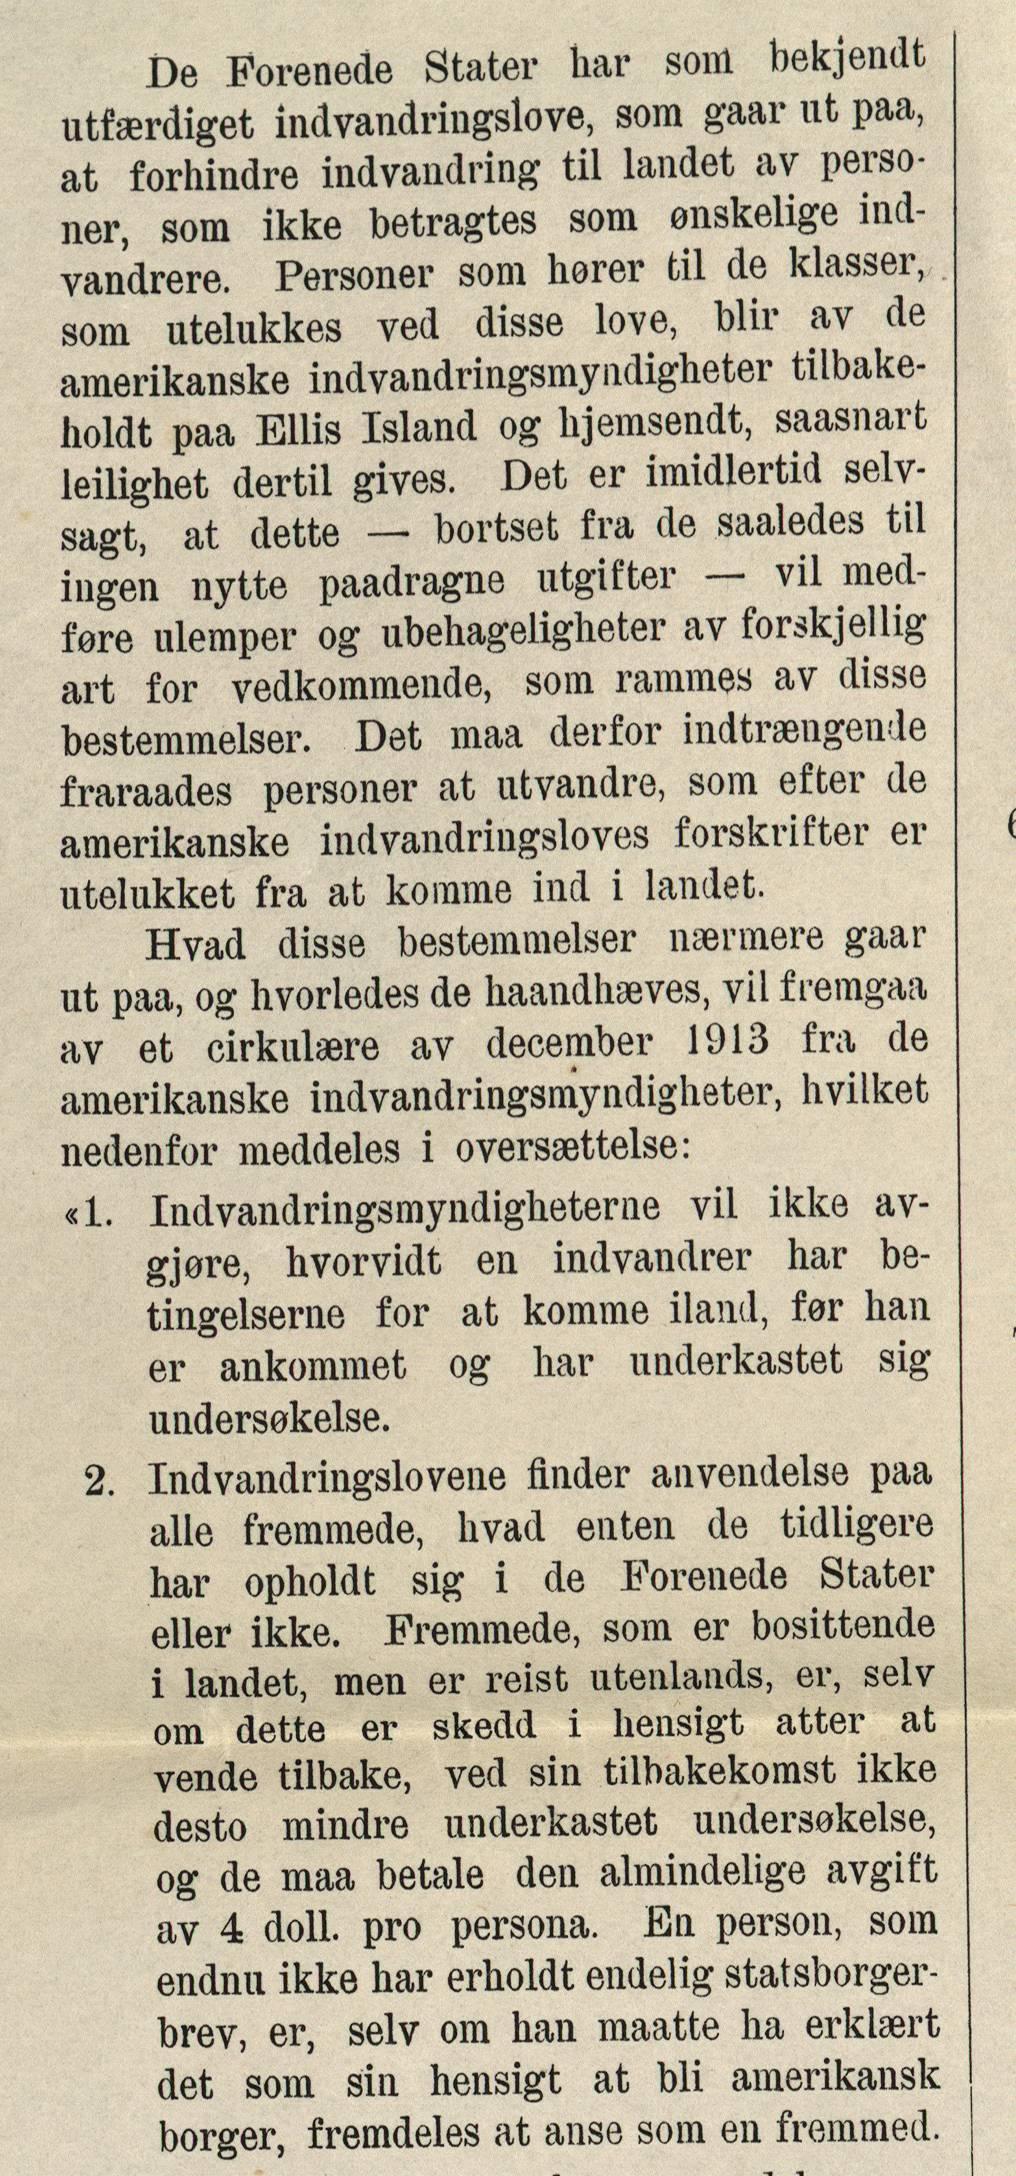 """Bestemmelser om innvandring etter"""" De Forenedes Staters invandringslove"""". Utsnitt fra Veiledning for utvandrere til Amerika, 1915. Kilde."""